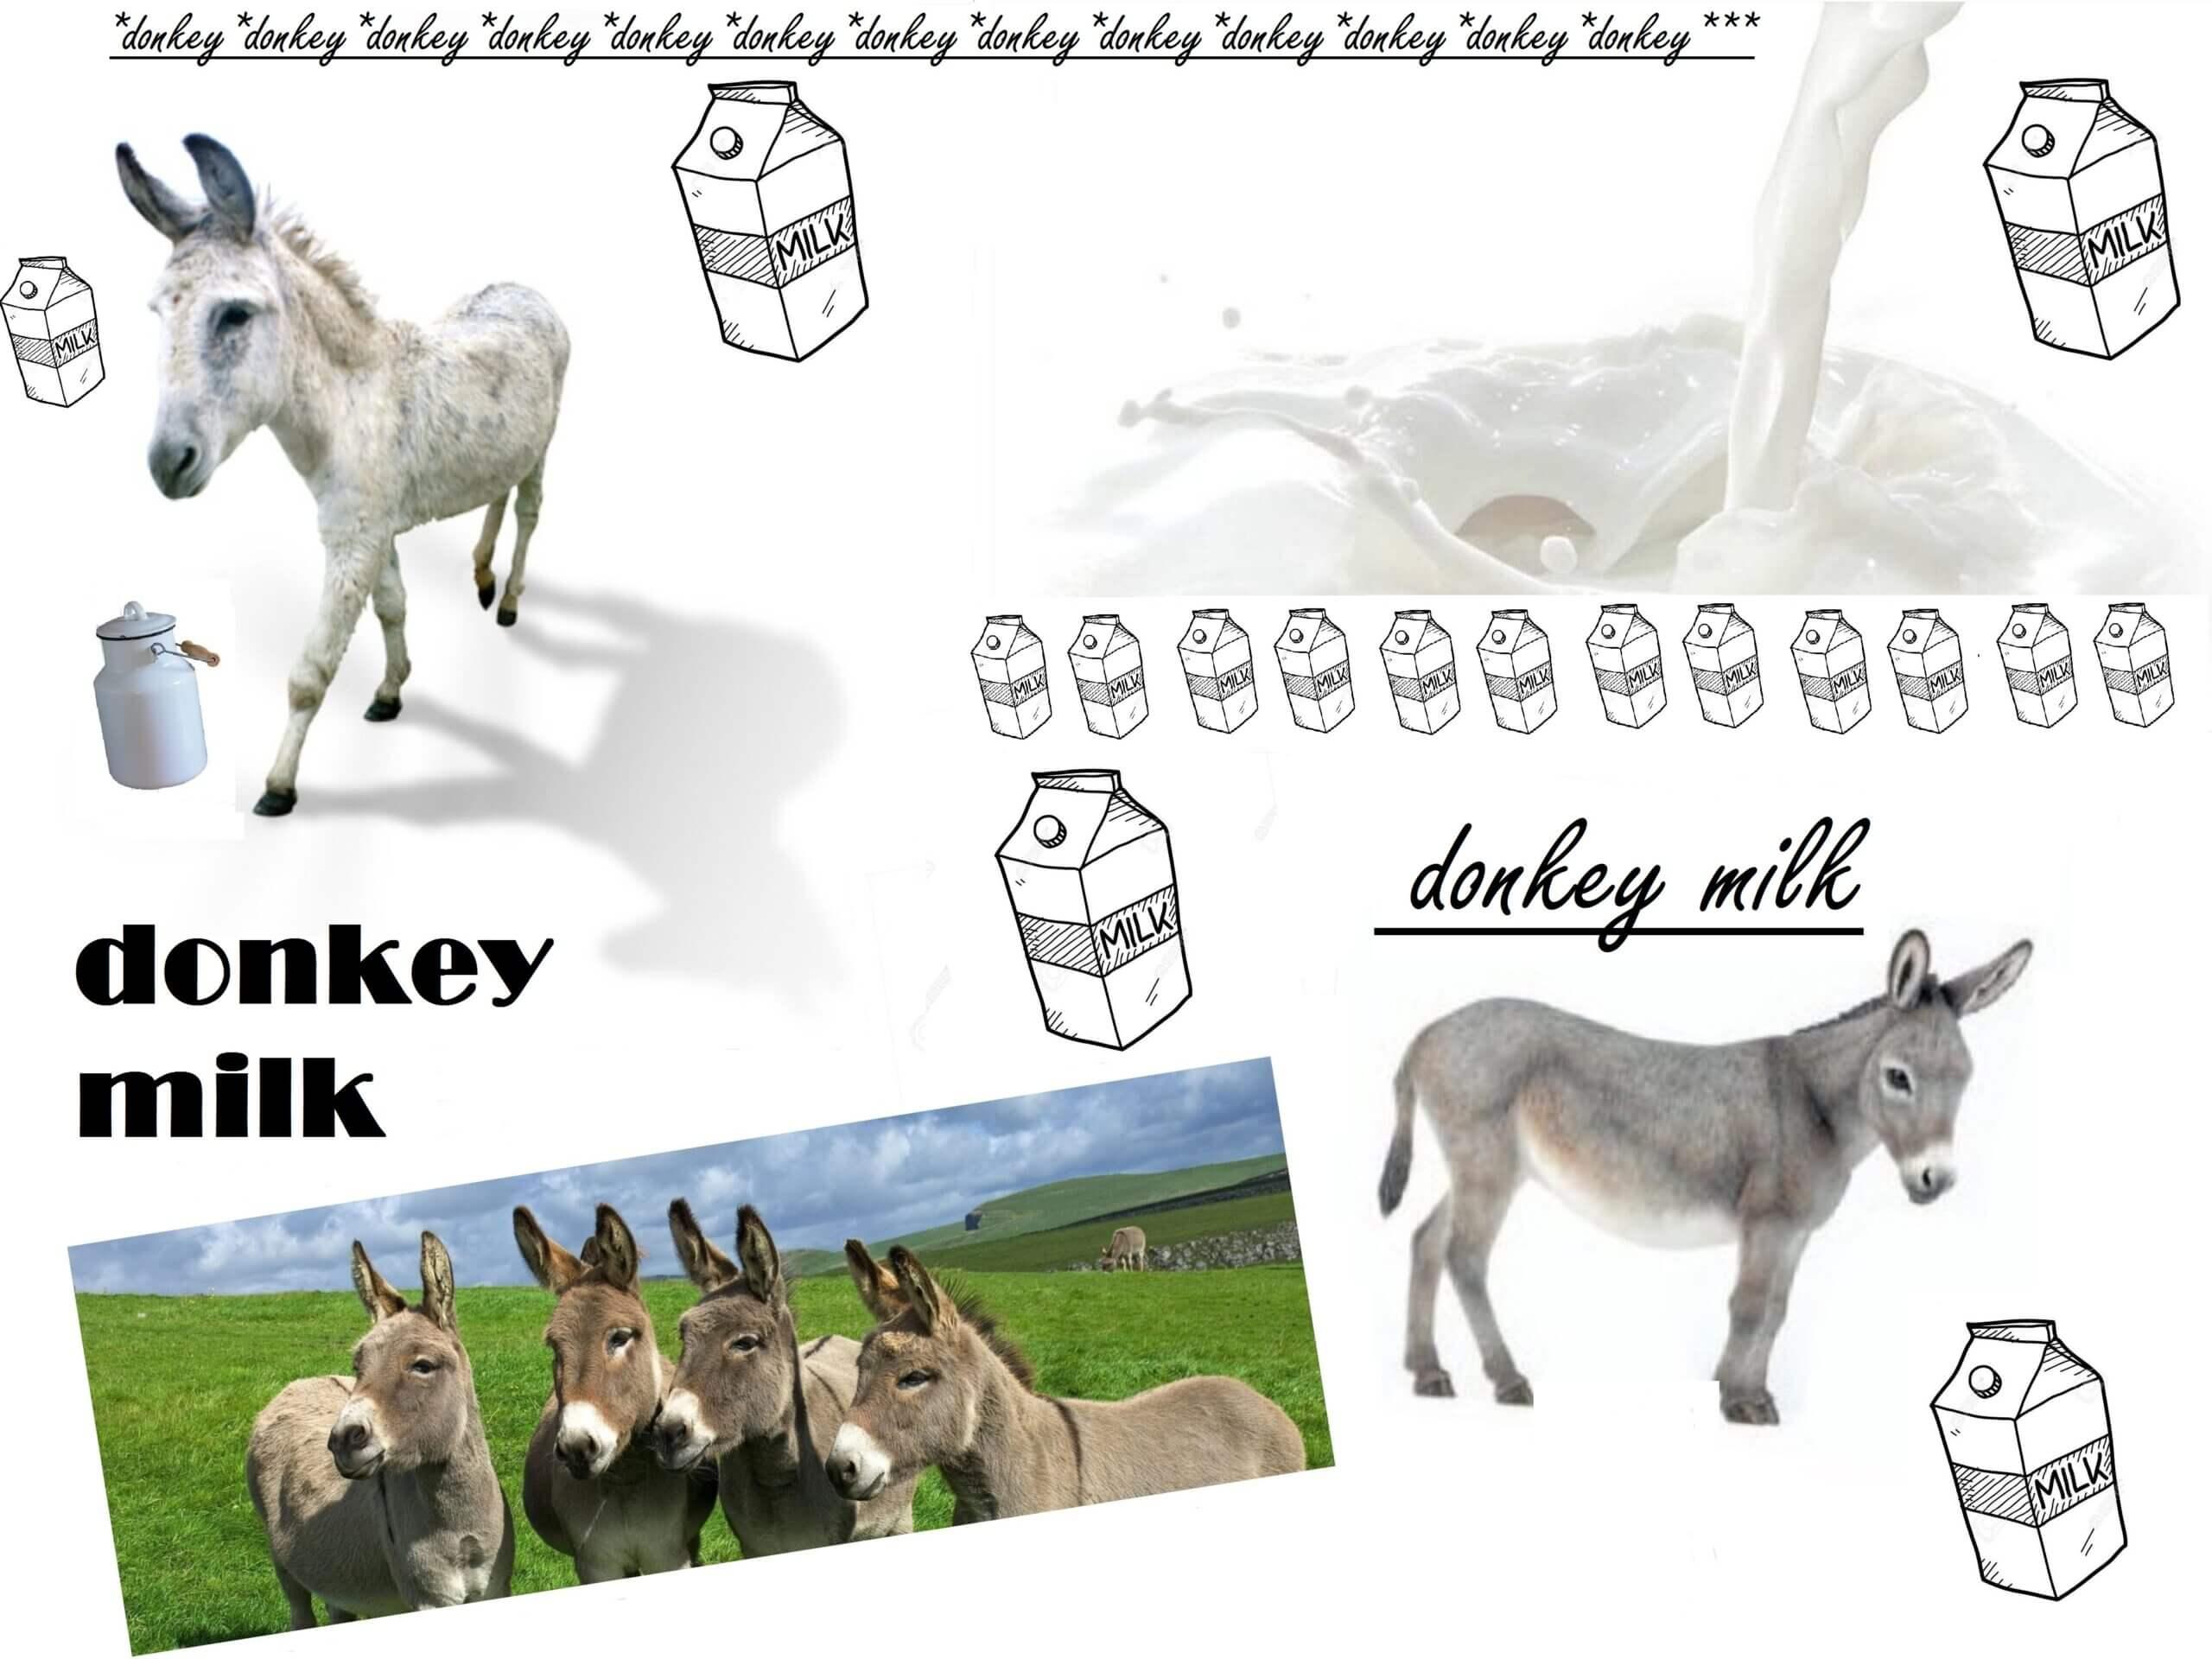 Μια νέα διατροφική προσέγγιση στο γάλα γαϊδούρας